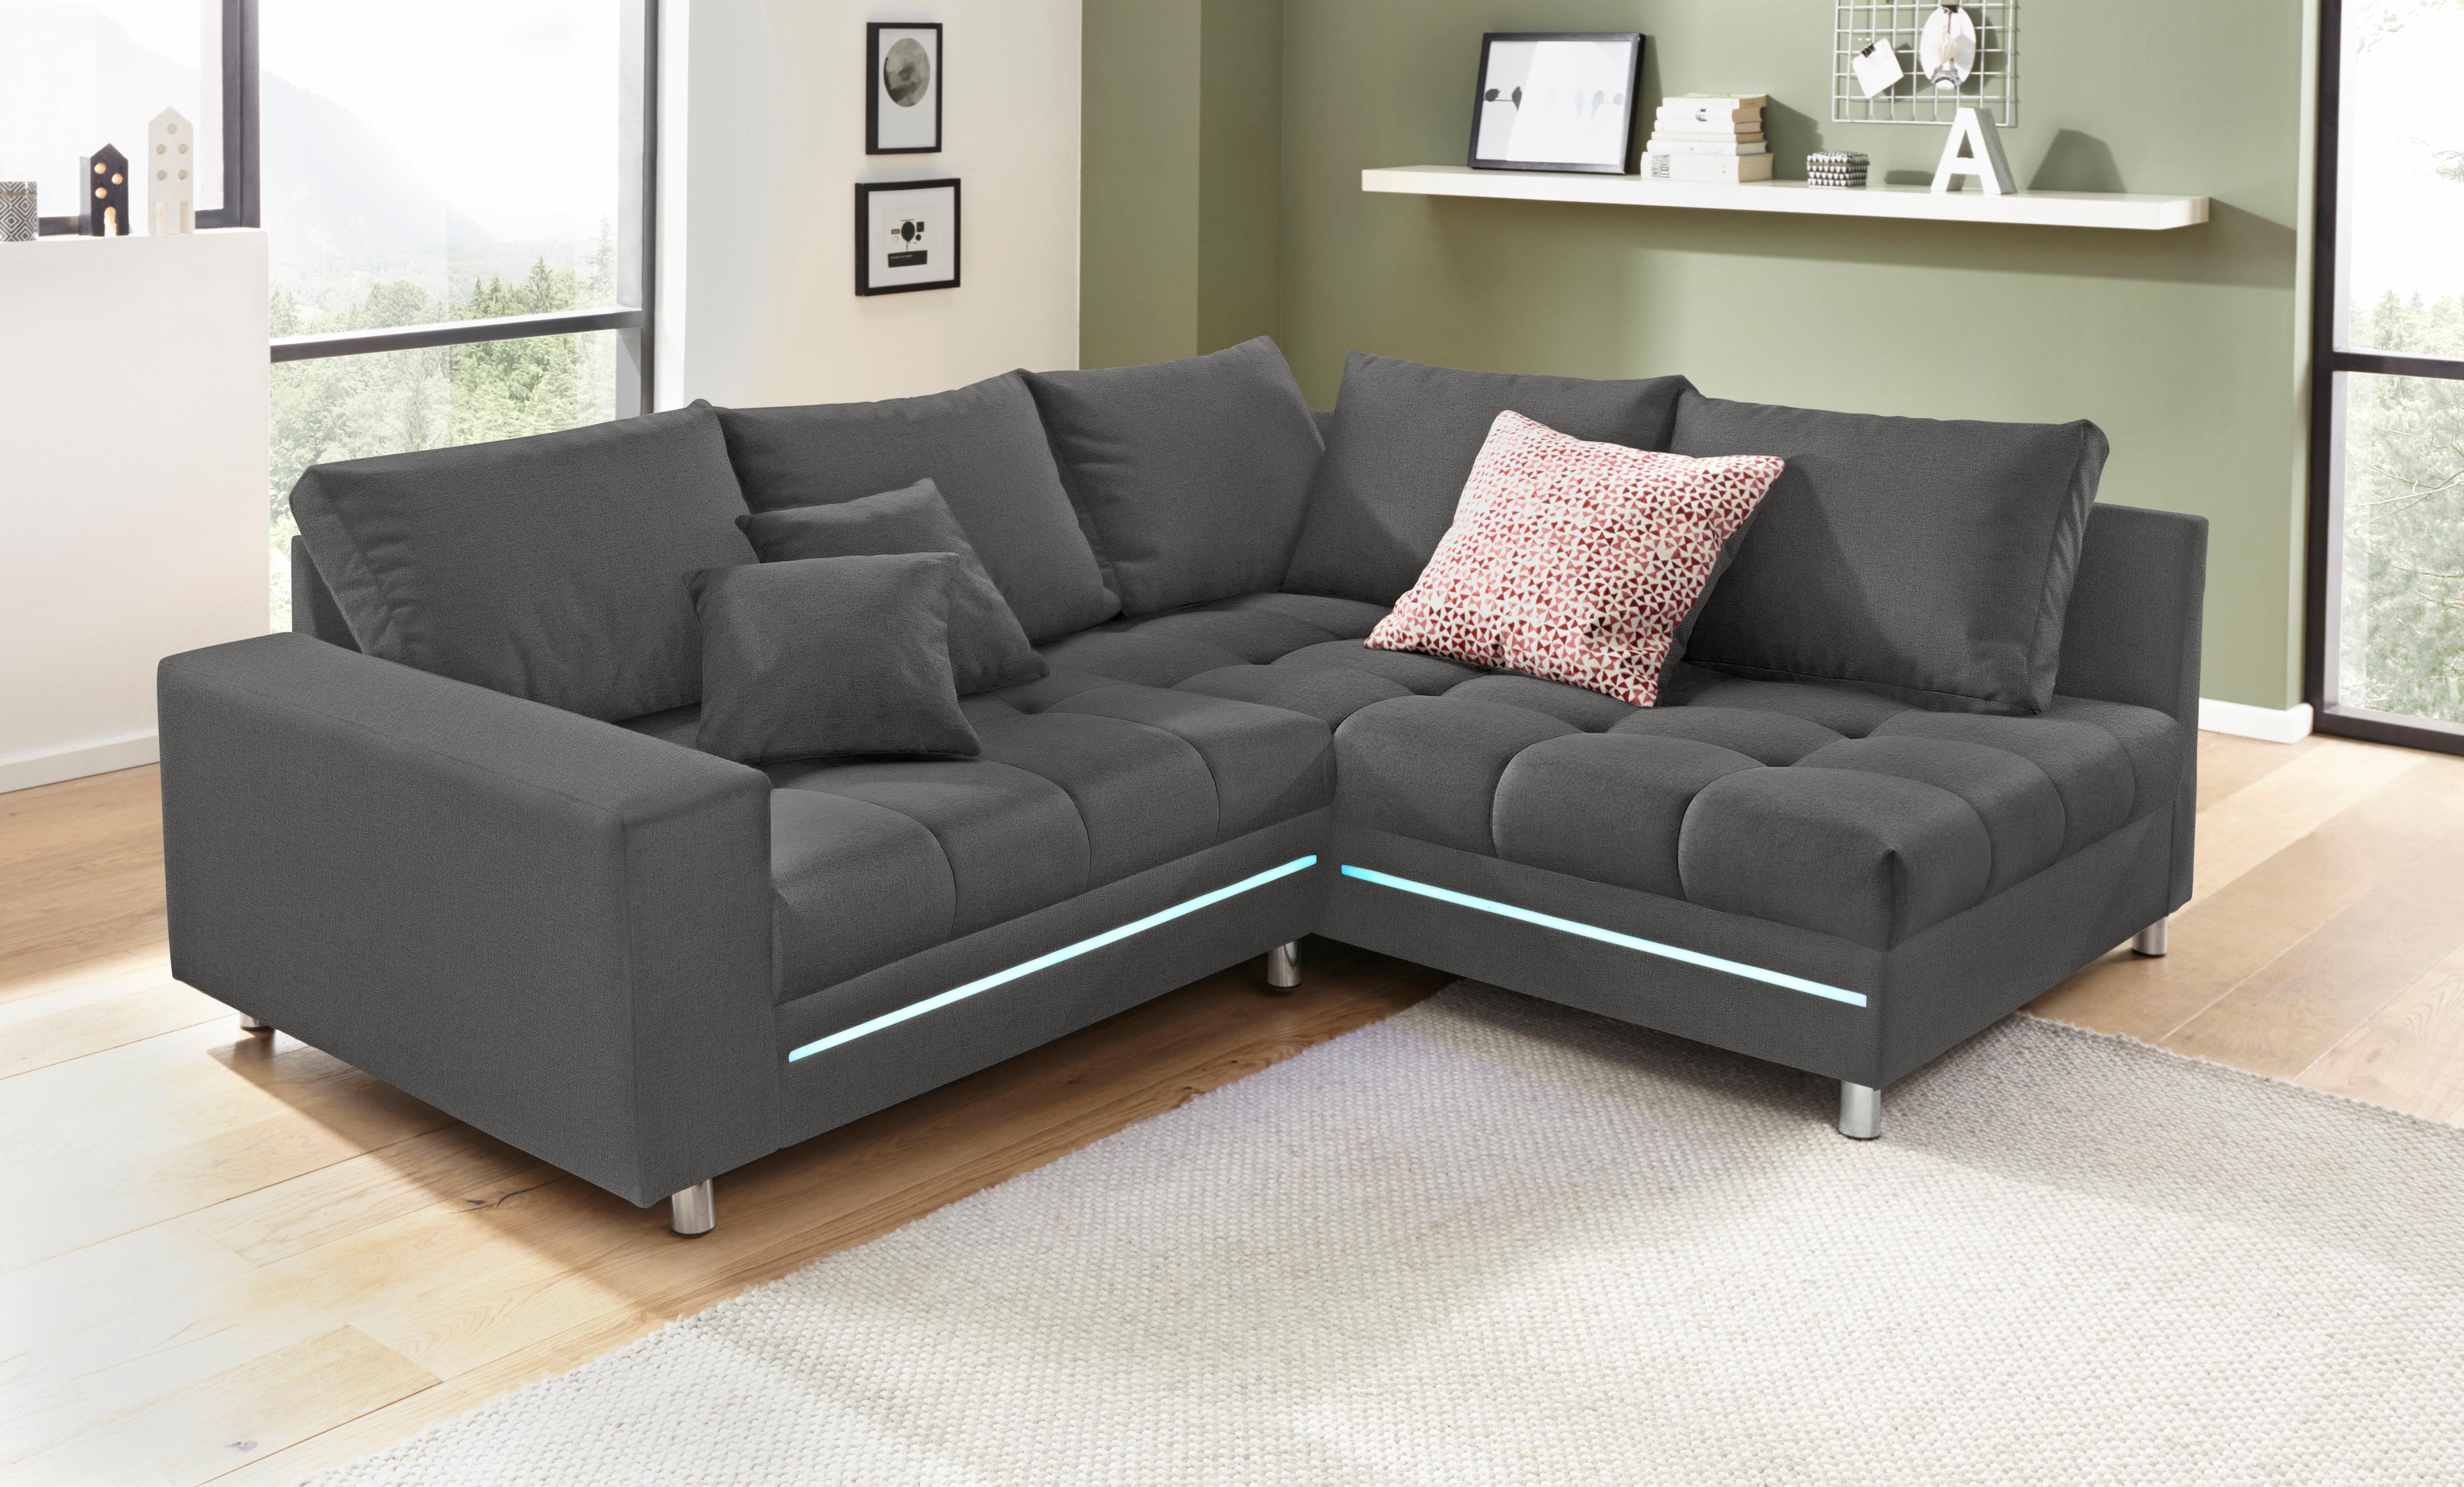 Polsterecke | Wohnzimmer > Sofas & Couches > Ecksofas & Eckcouches | Grau | Holzwerkstoff | QUELLE